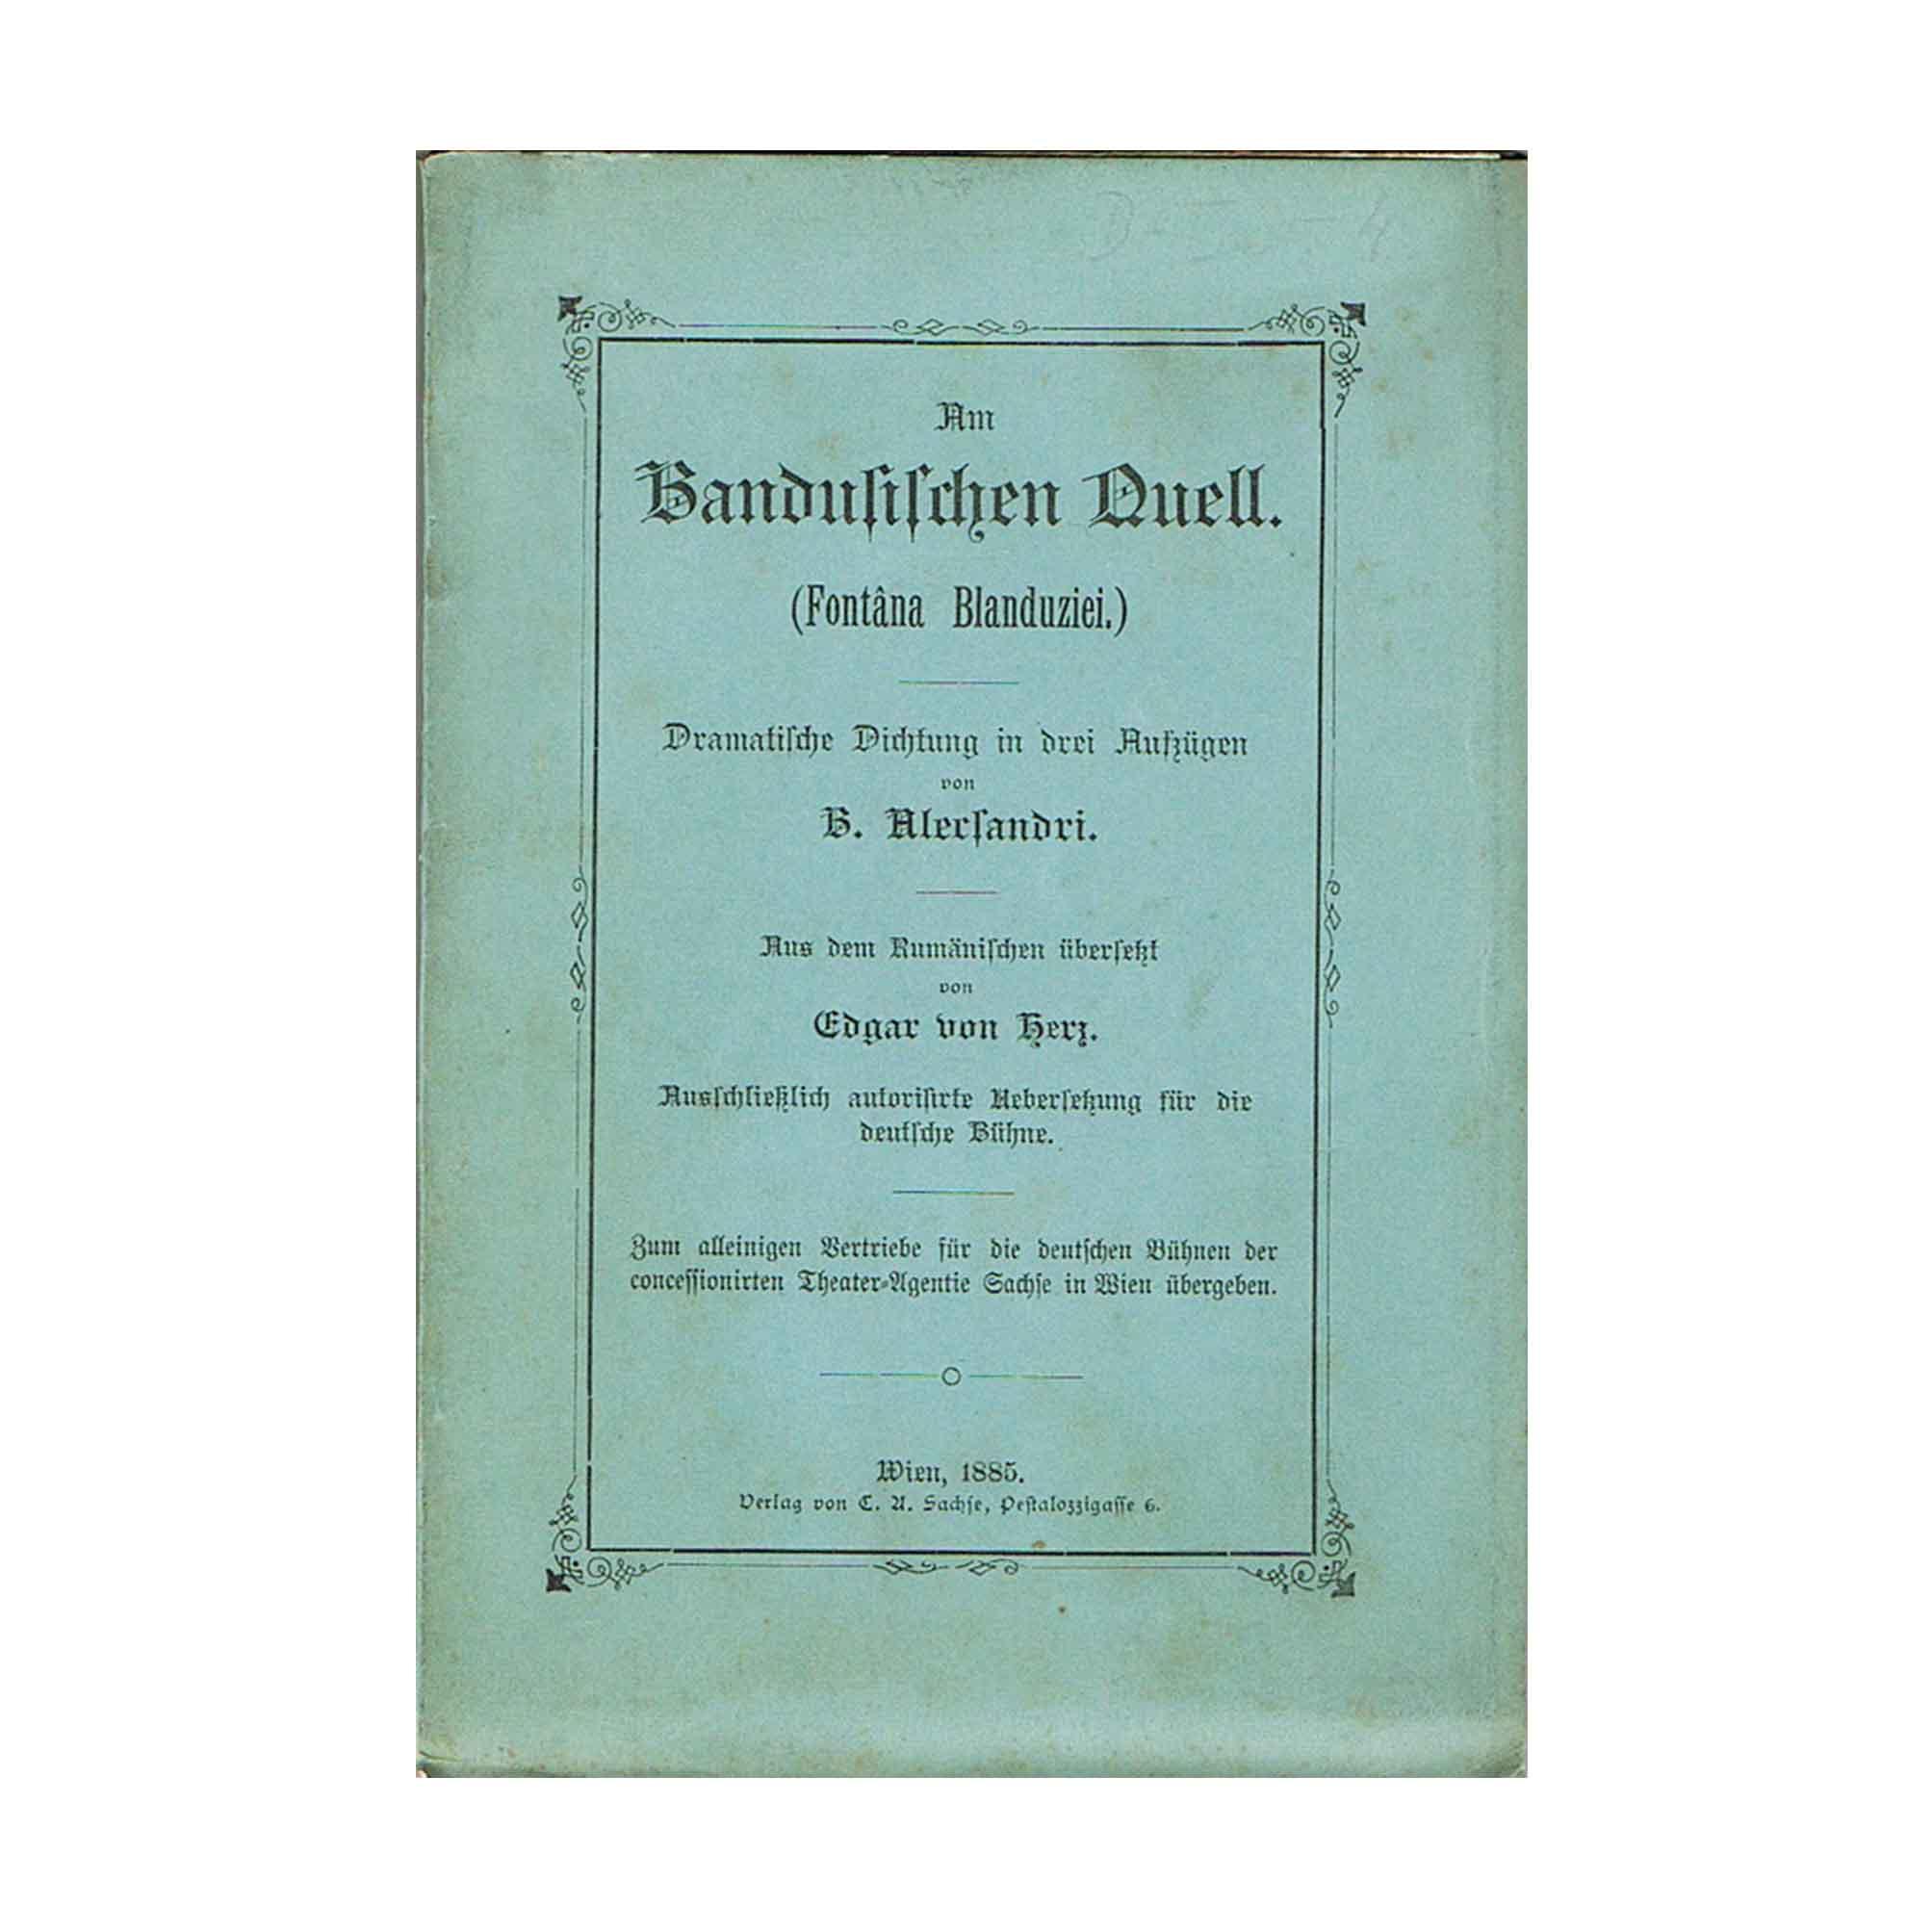 1028-Alecsandri-Bandusischen-Quell-1885-Umschlag-recto-frei-N.jpeg